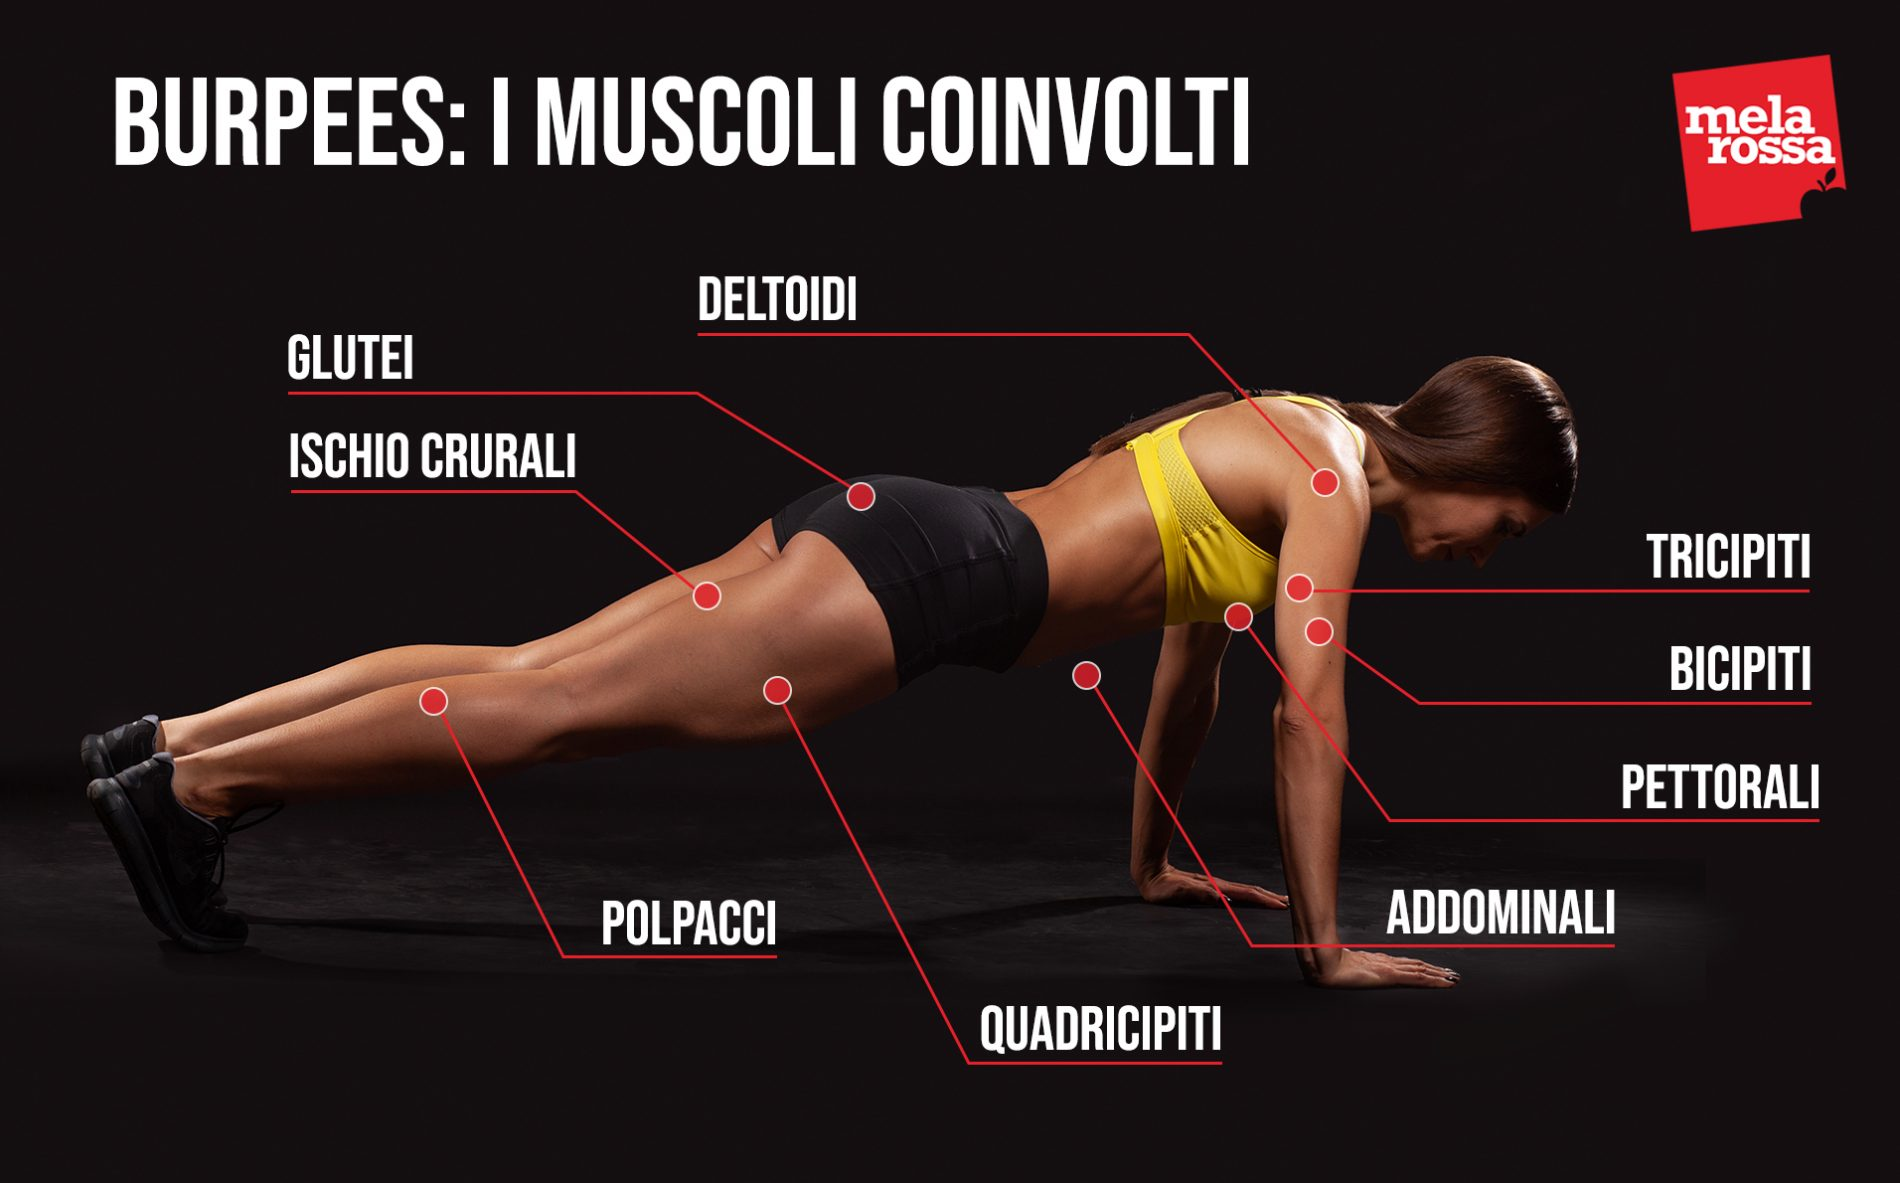 burpees: muscoli coinvolti